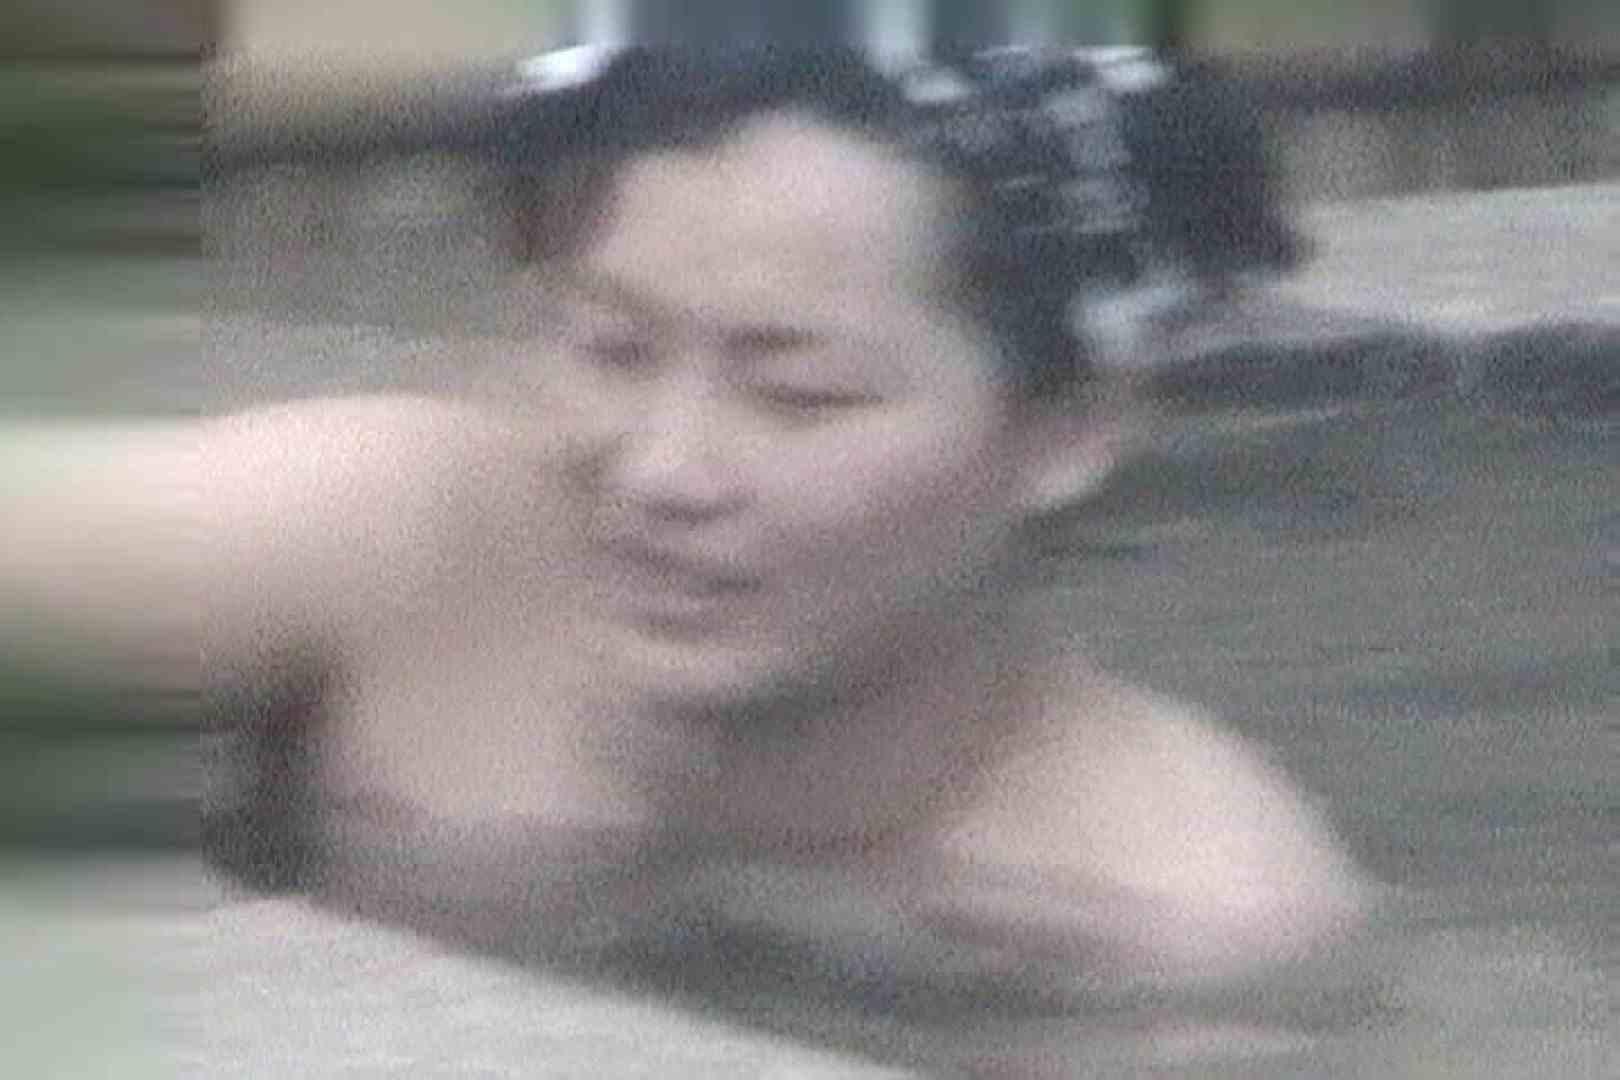 Aquaな露天風呂Vol.103 露天 | 盗撮  57画像 28